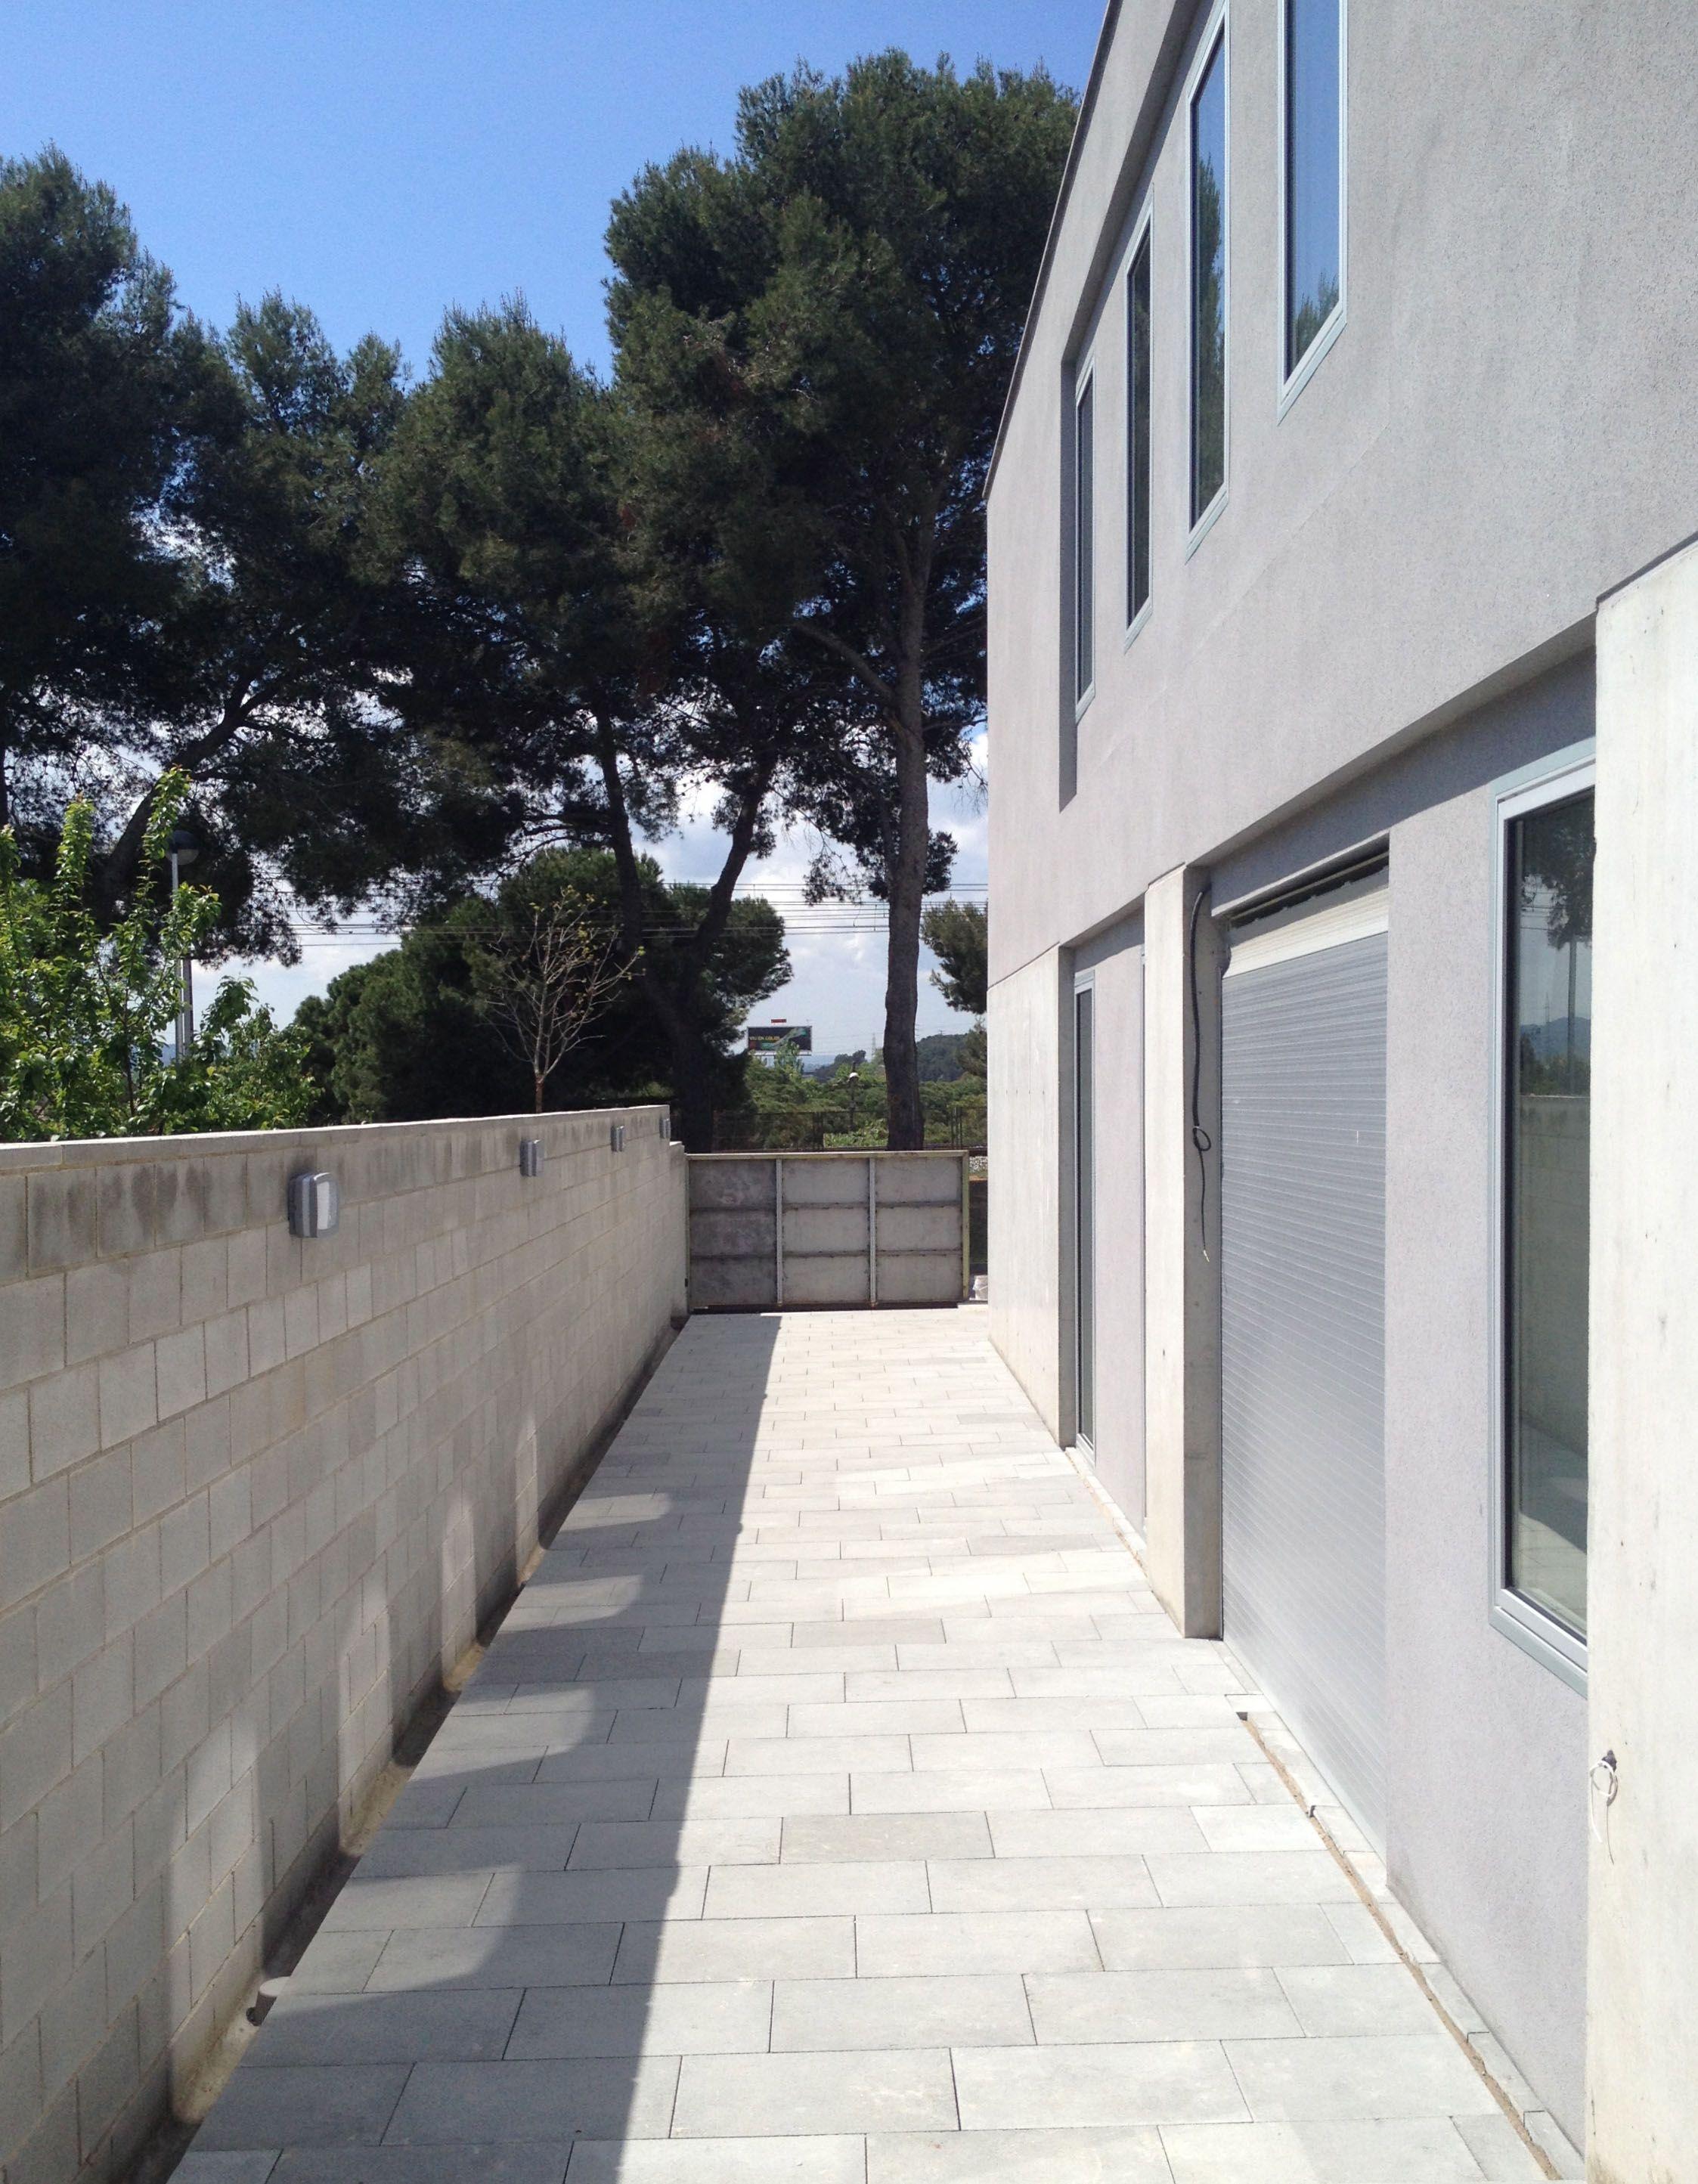 Pasillo de acceso casa w 08023 arquitectos barcelona - Despacho arquitectura barcelona ...